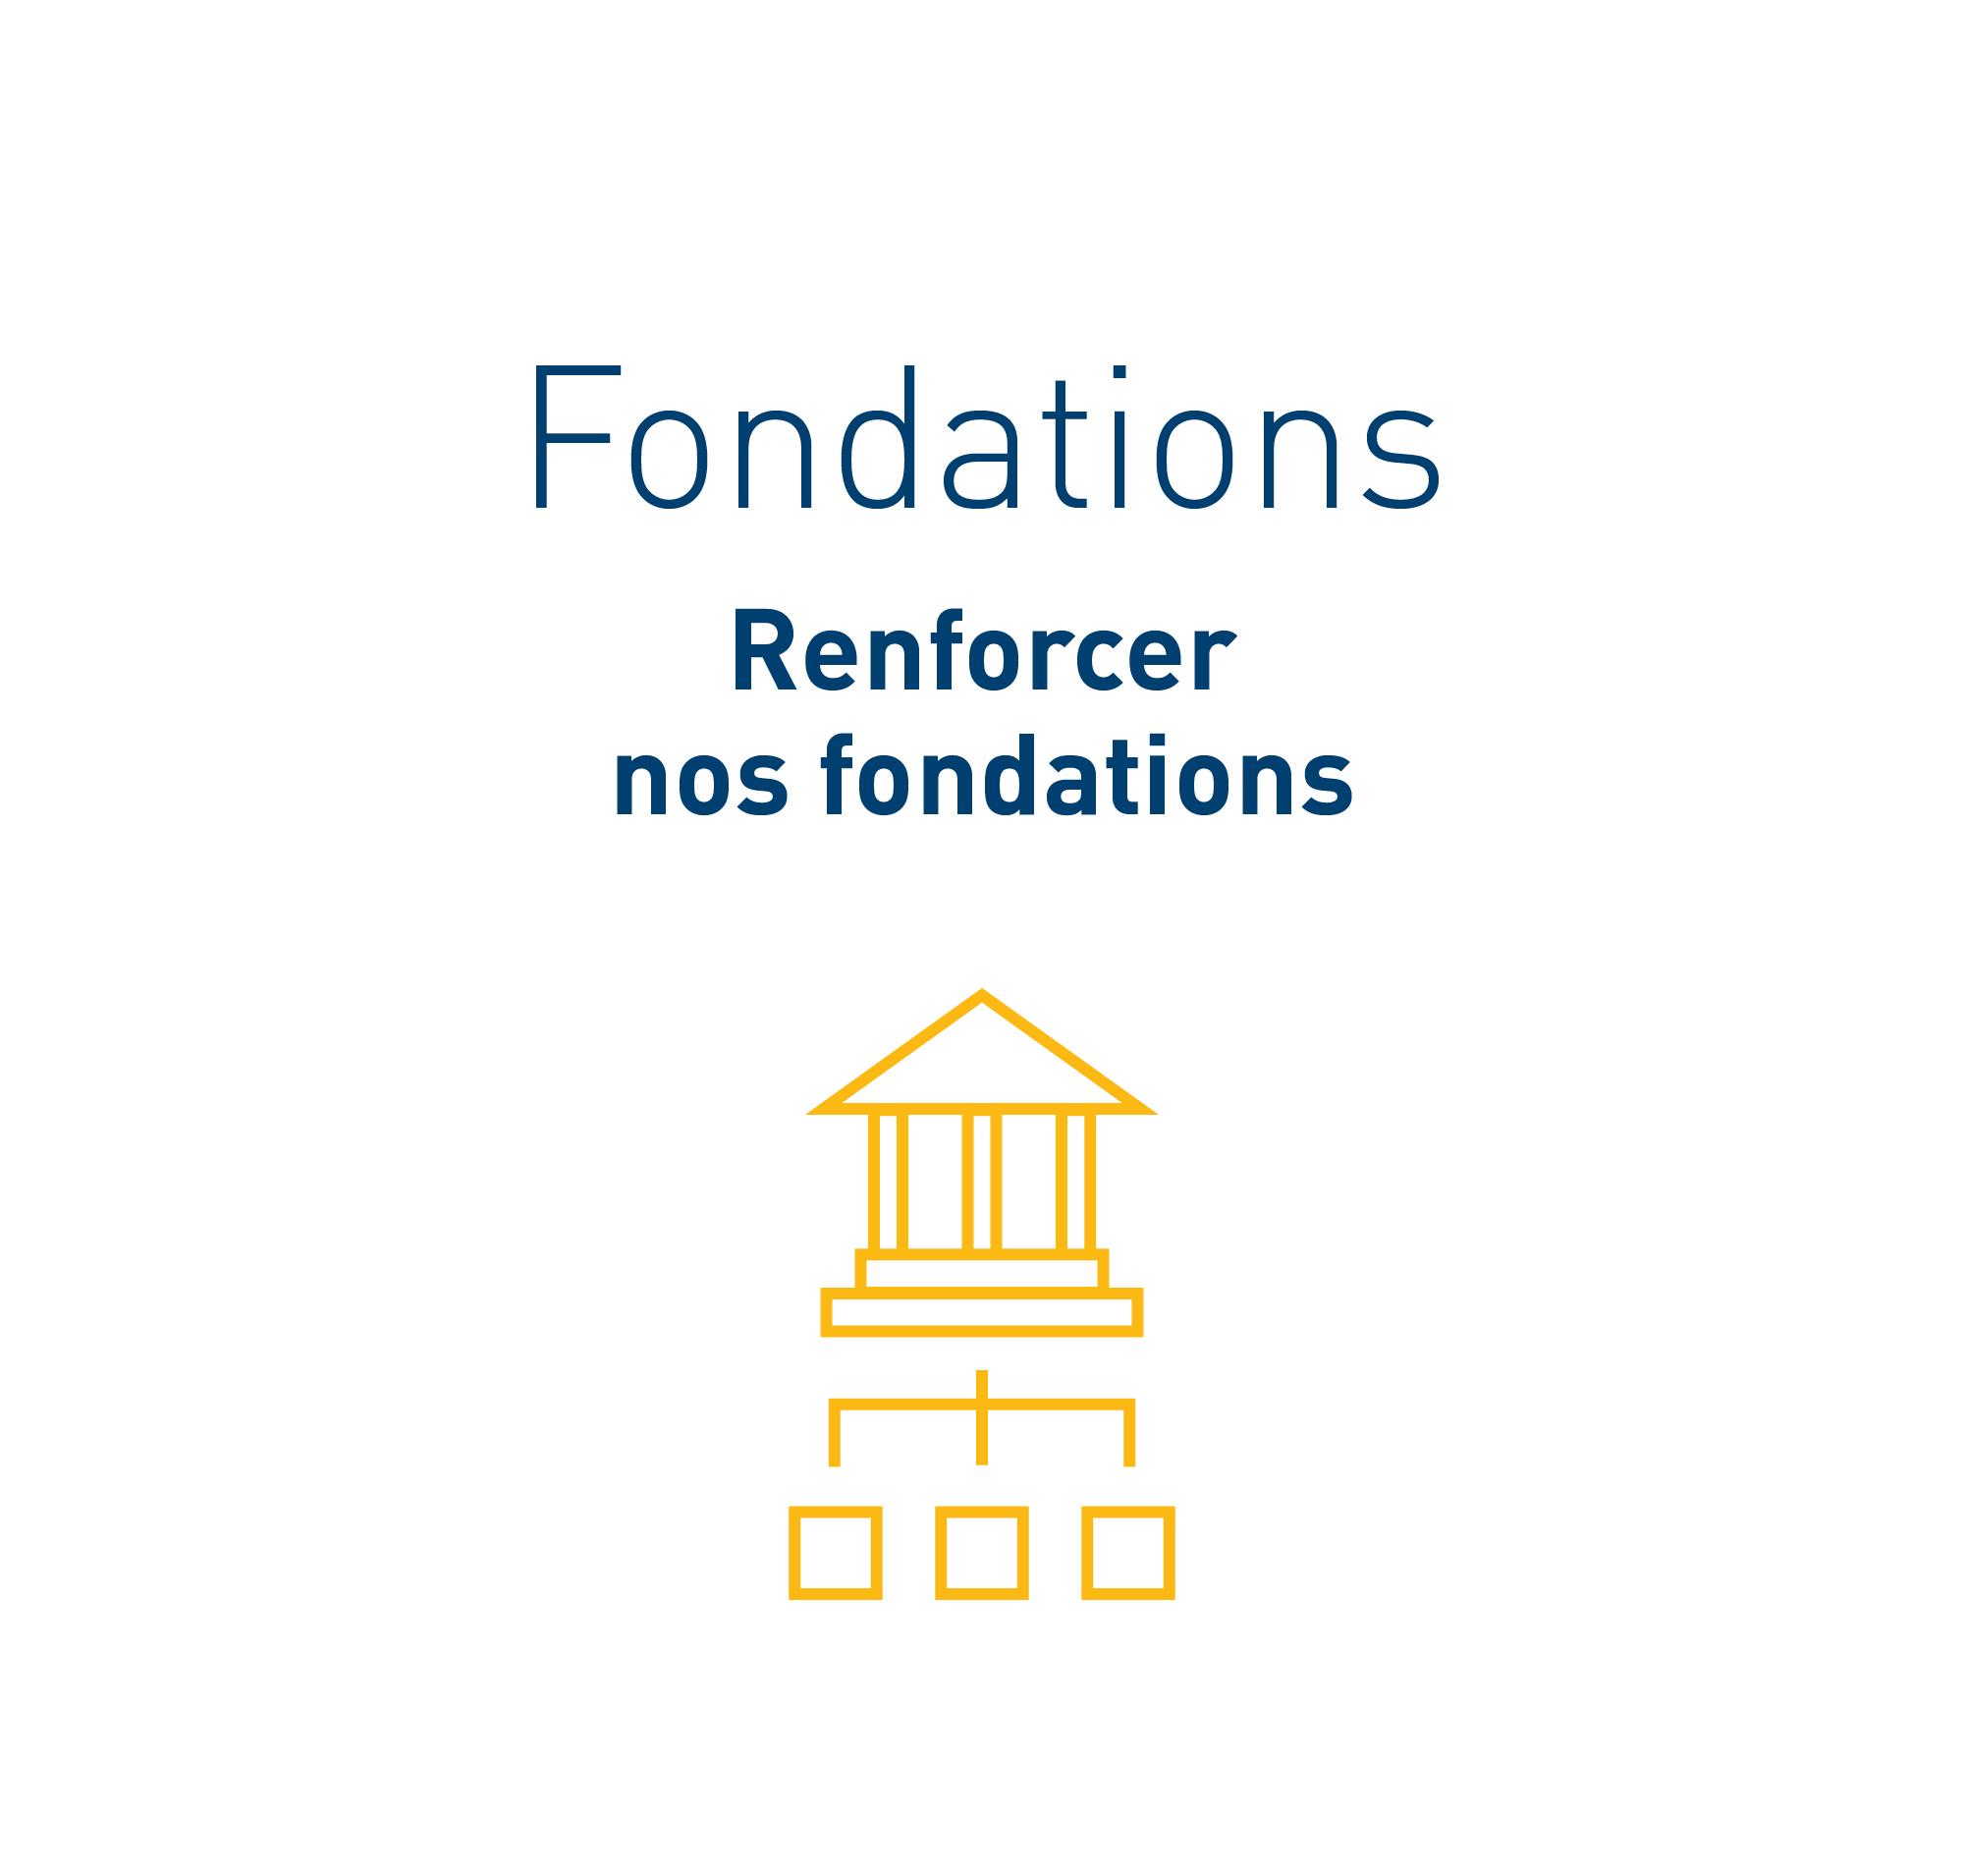 Image dans le texte: Fondations – renforcer nos fondations